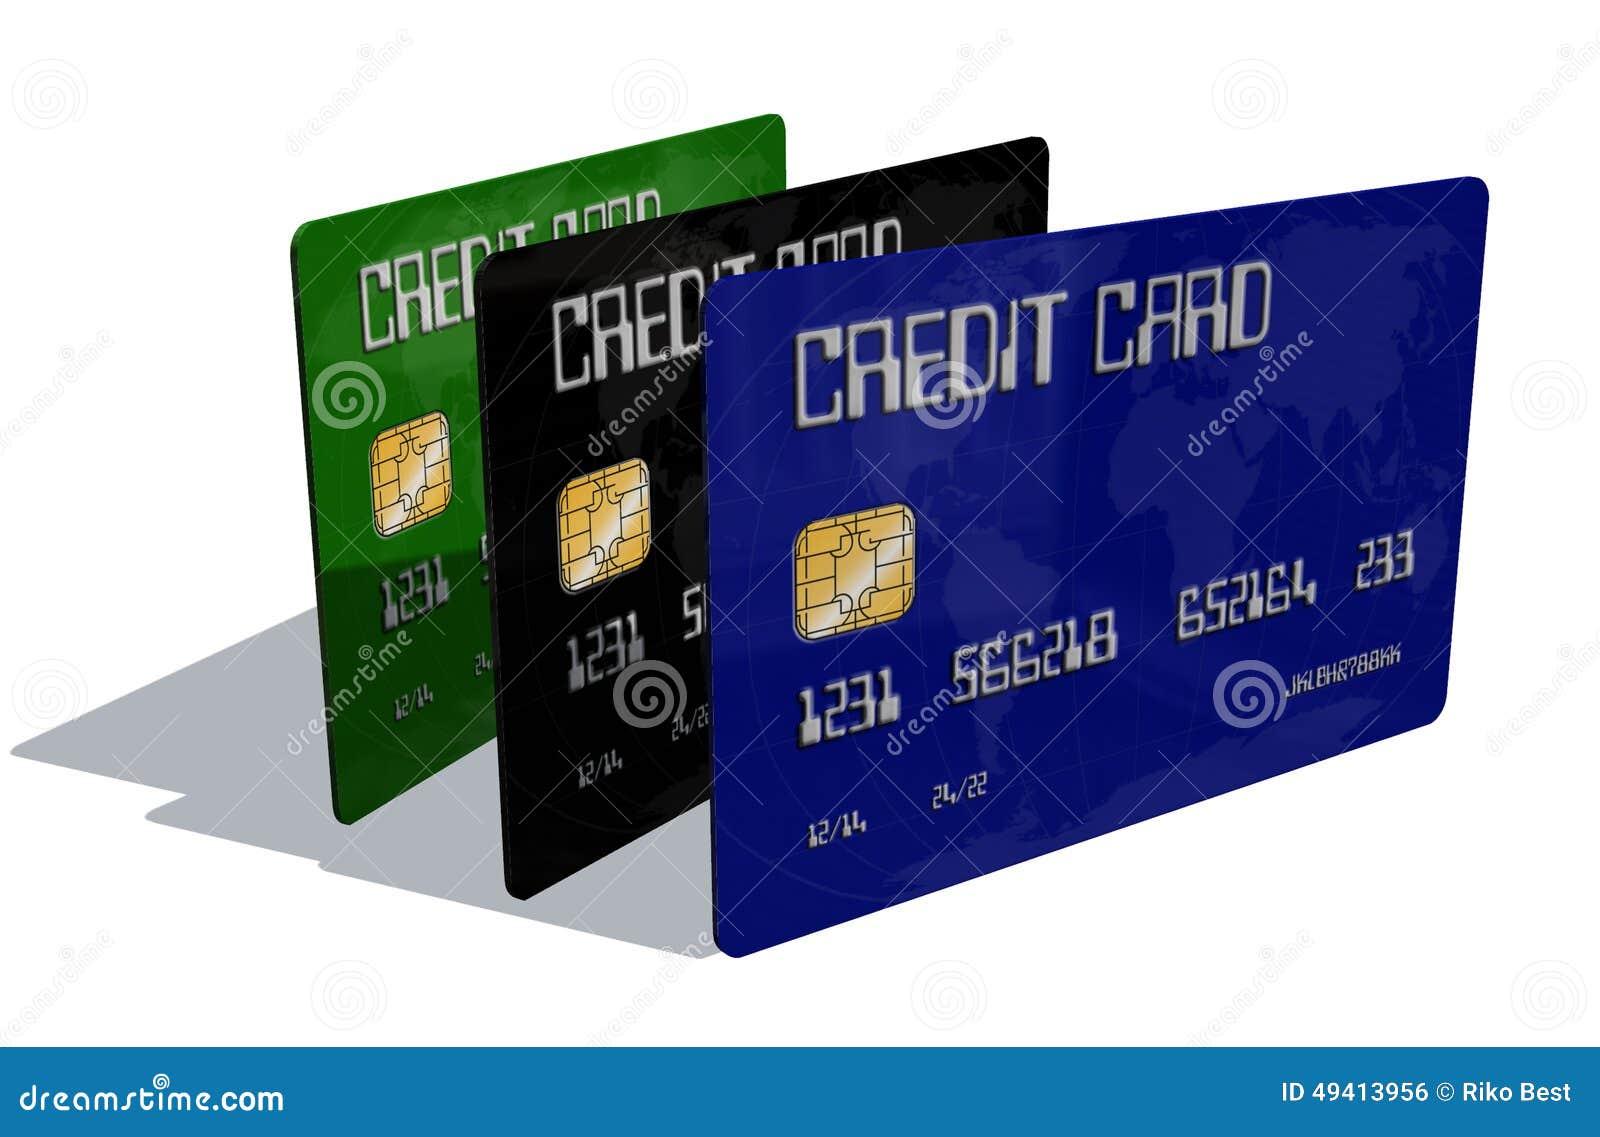 Download Kreditkarten Auf Weißem Hintergrund Stock Abbildung - Illustration von bankverkehr, händler: 49413956